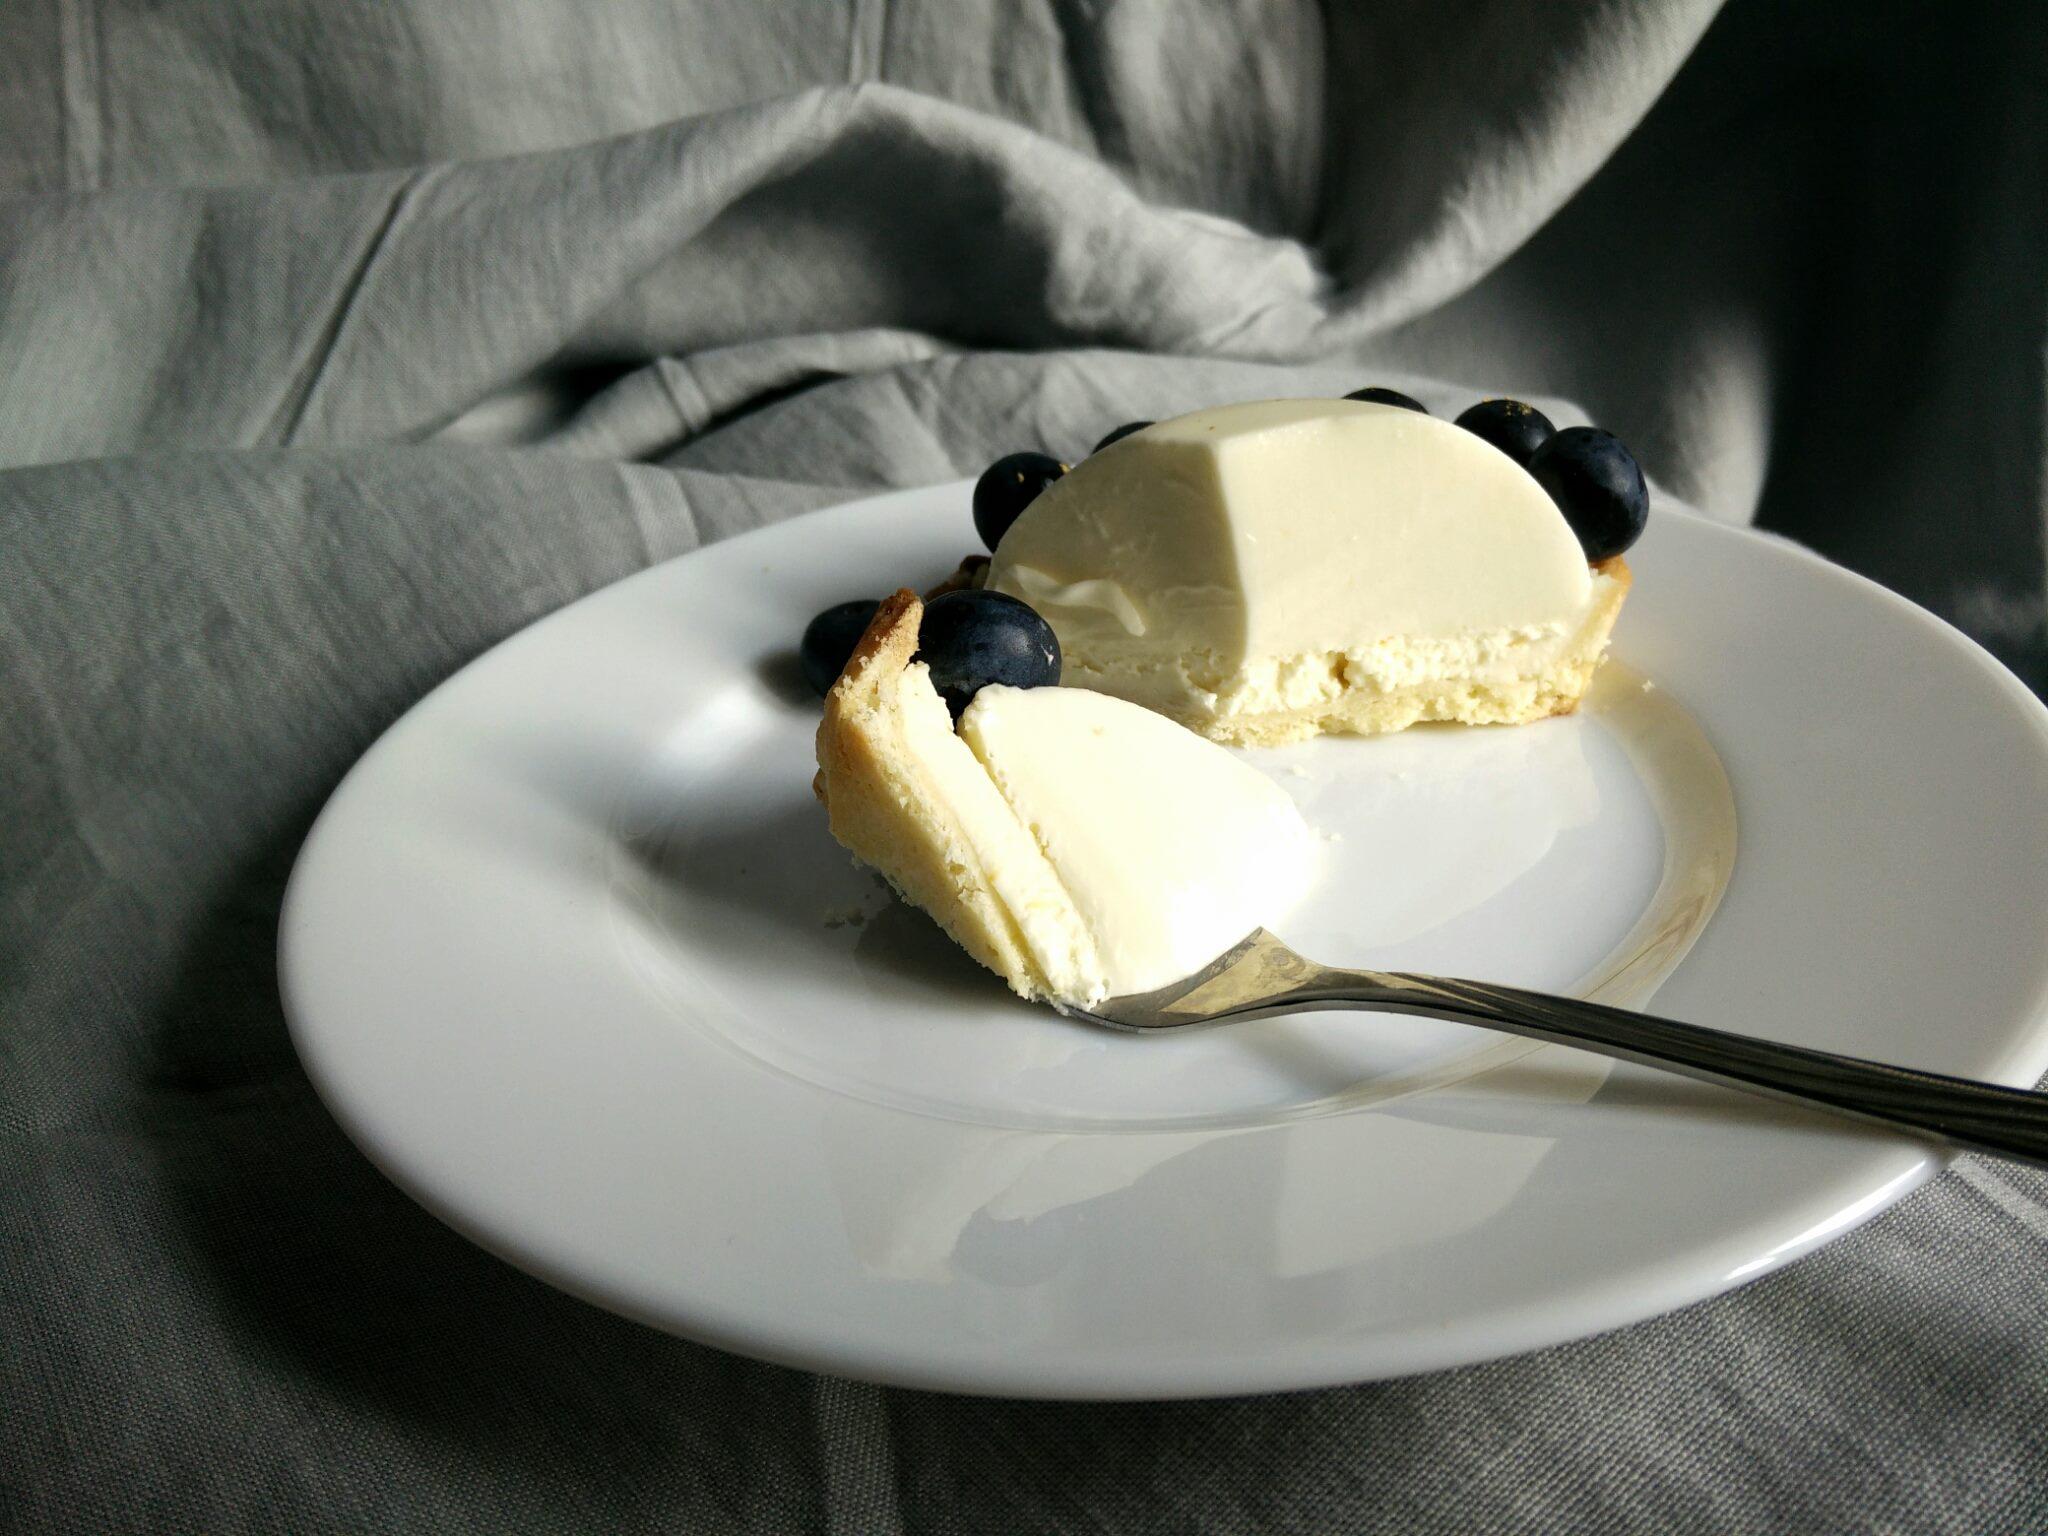 tarta cu panna cotta de cocos si mascarpone cu lamaie